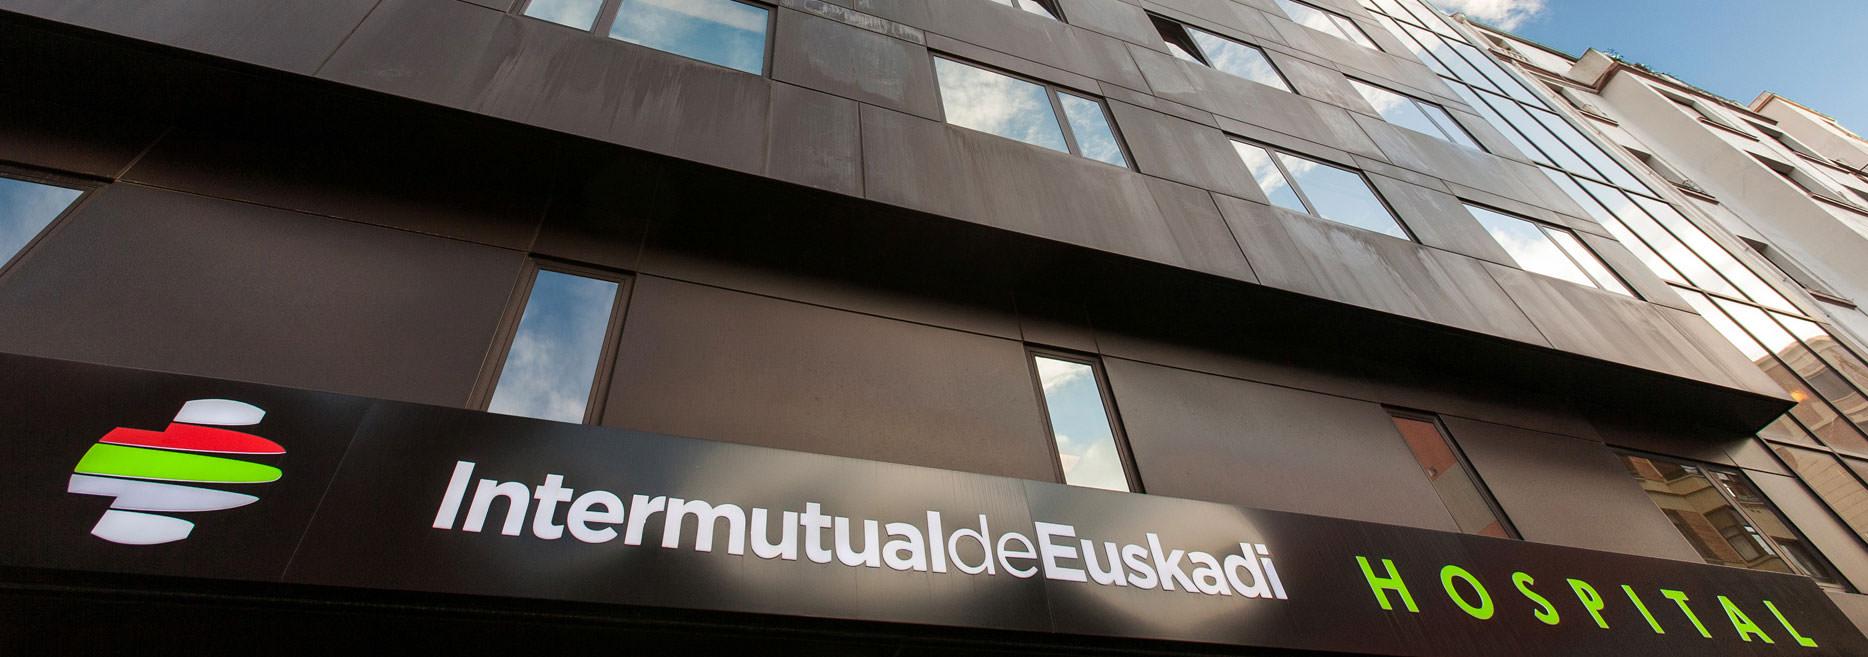 Imagen de la noticia El Hospital Intermutual de Euskadi nos adjudica el conc...